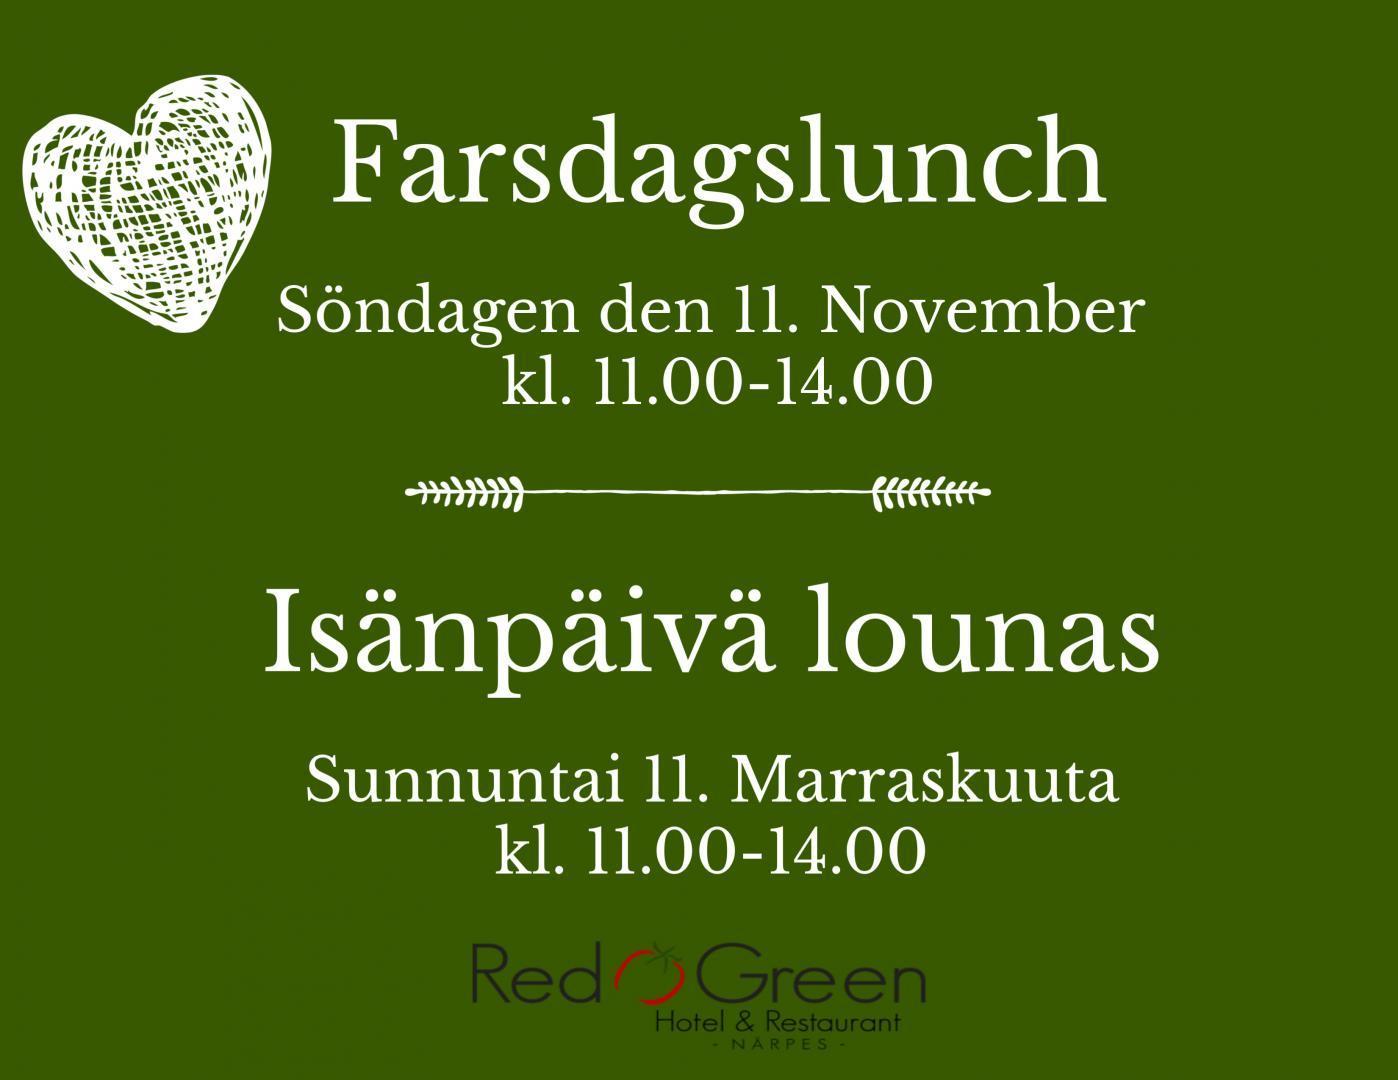 Farsdag Hotel Red & Green 2018 11.11 Närpes